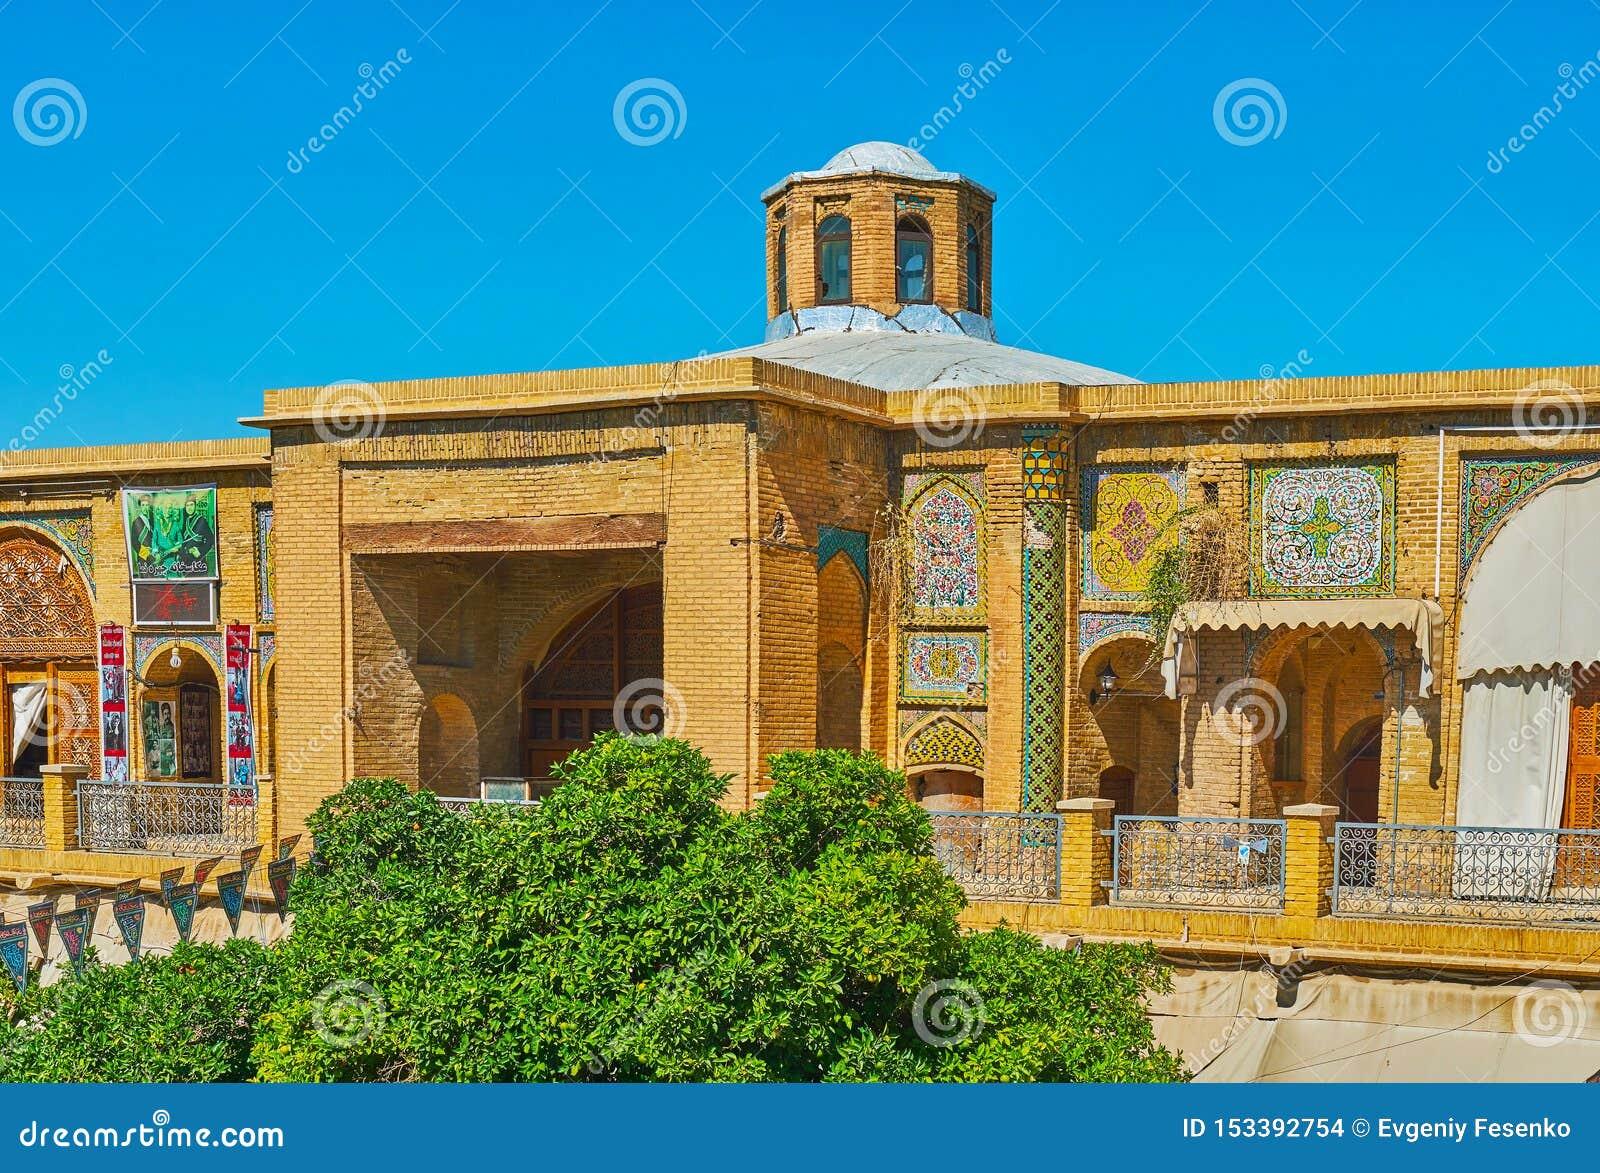 Historic building of Saraye Moshir Bazaar, Shiraz, Iran